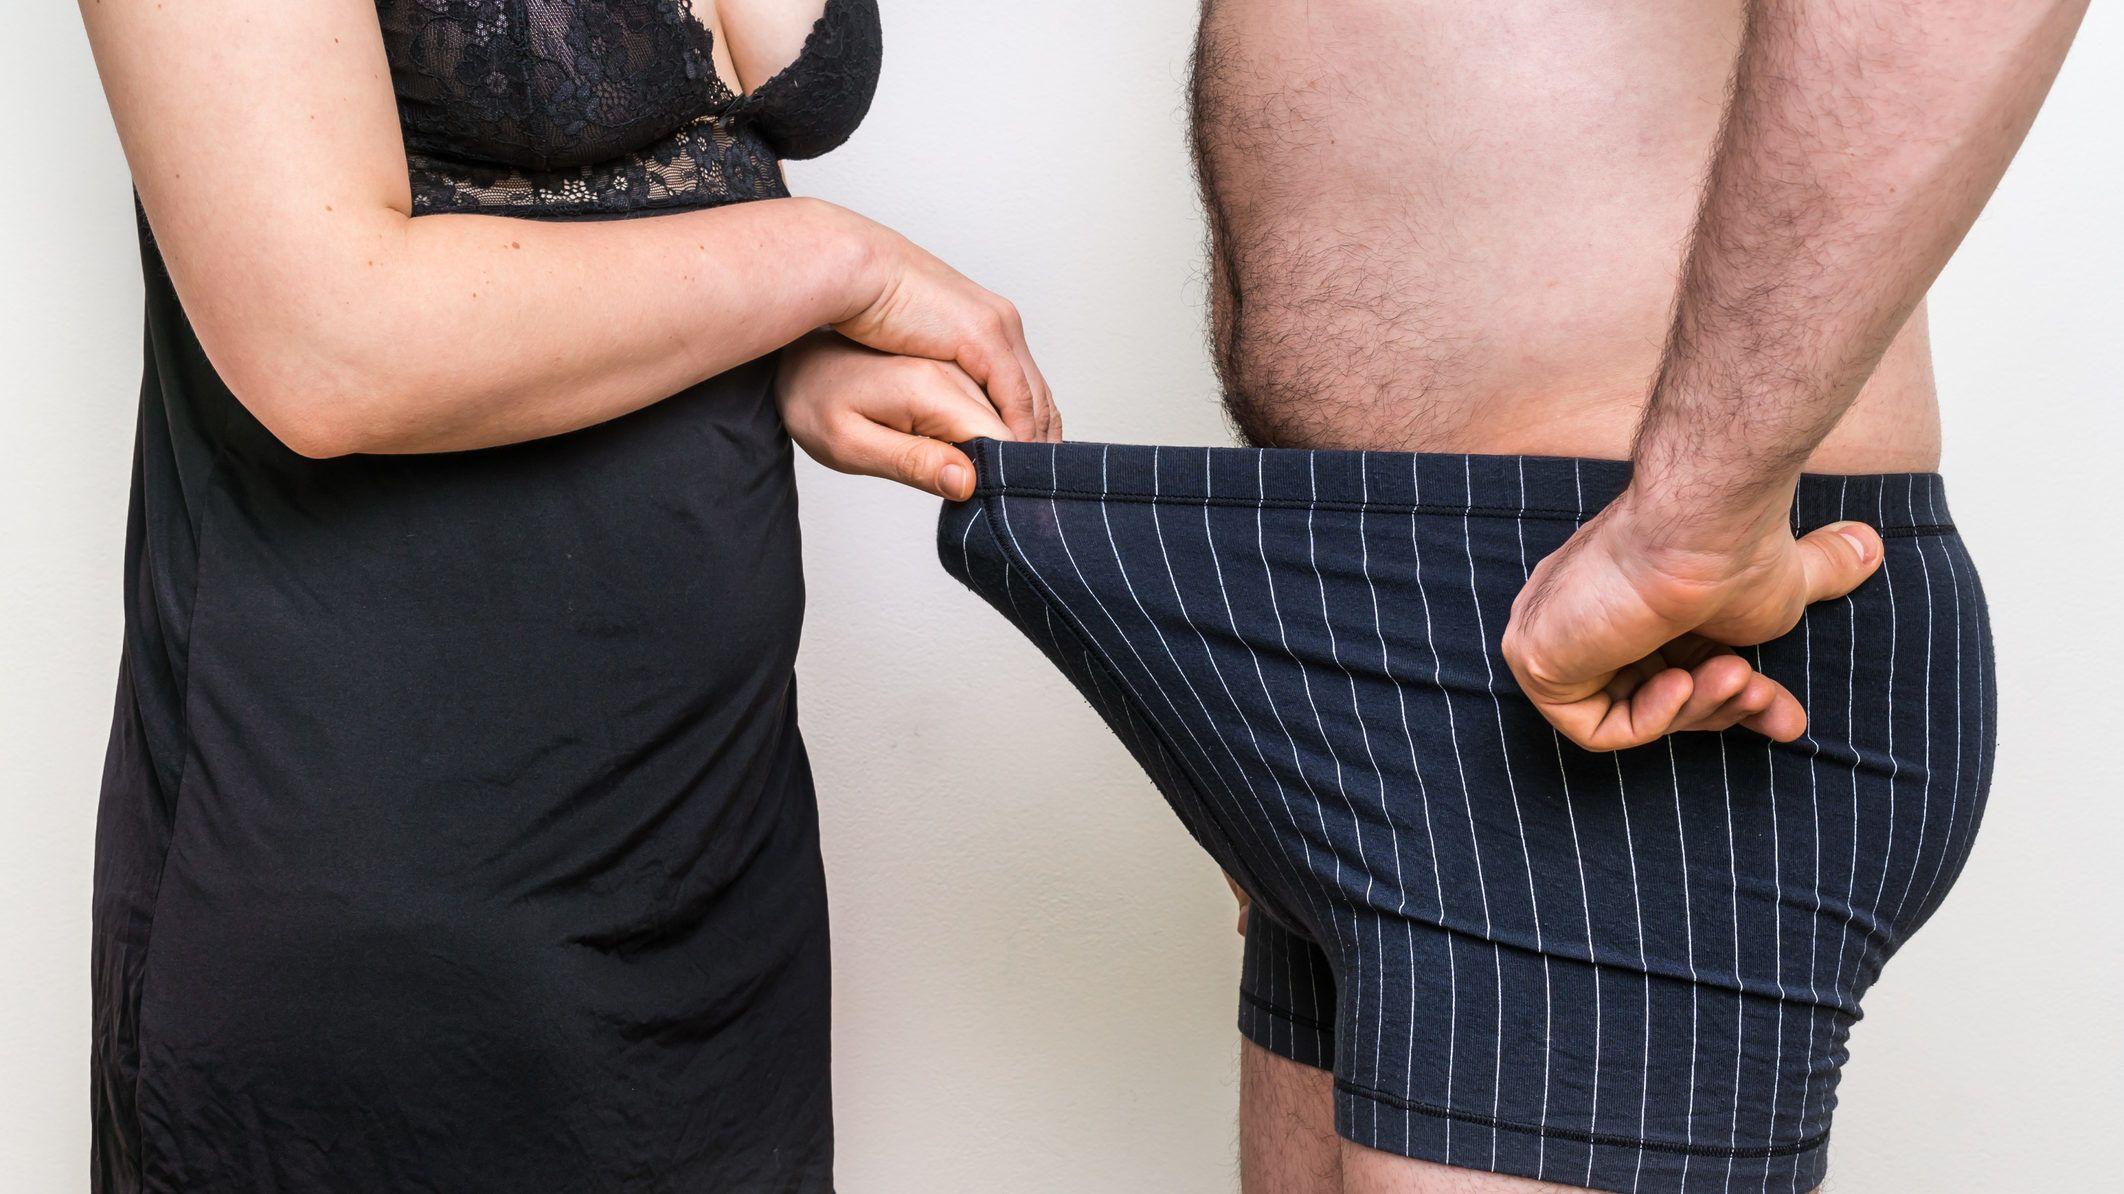 eltűnik-e az erekció az izgalomtól mihez köthető a gyors merevedés